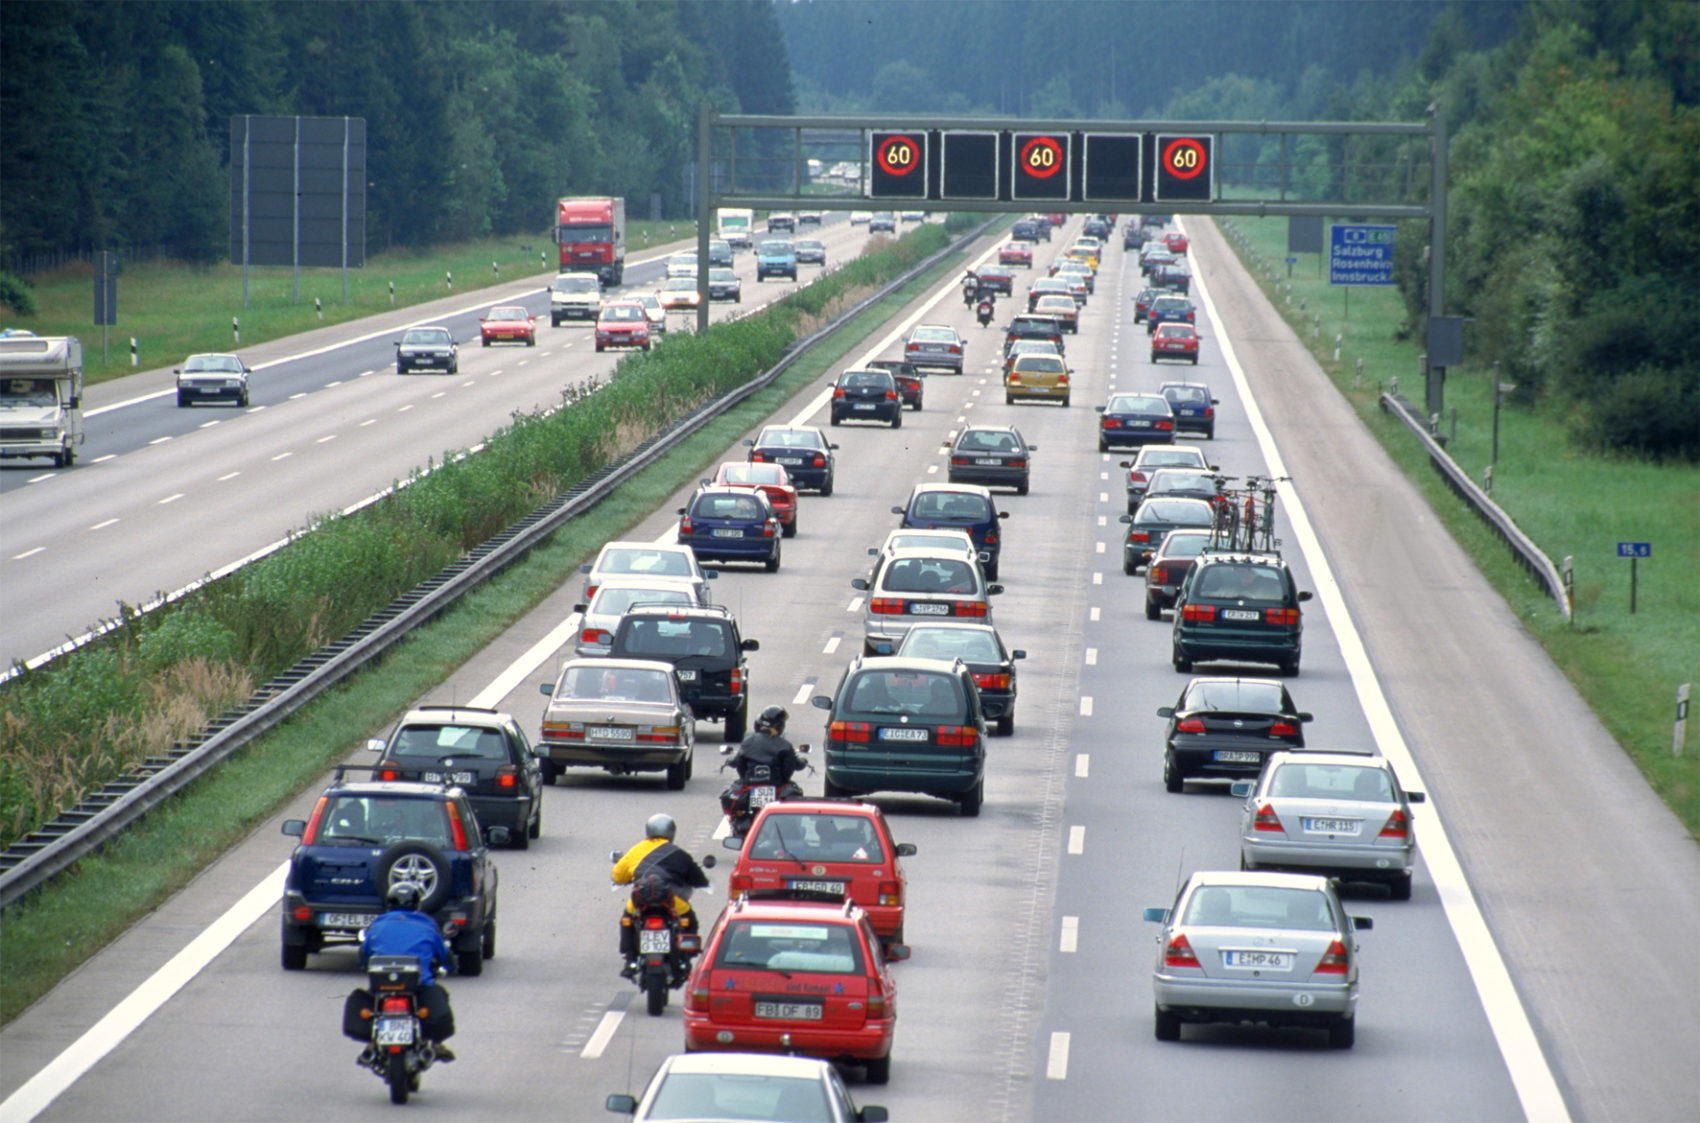 Staus Auf Der Autobahn